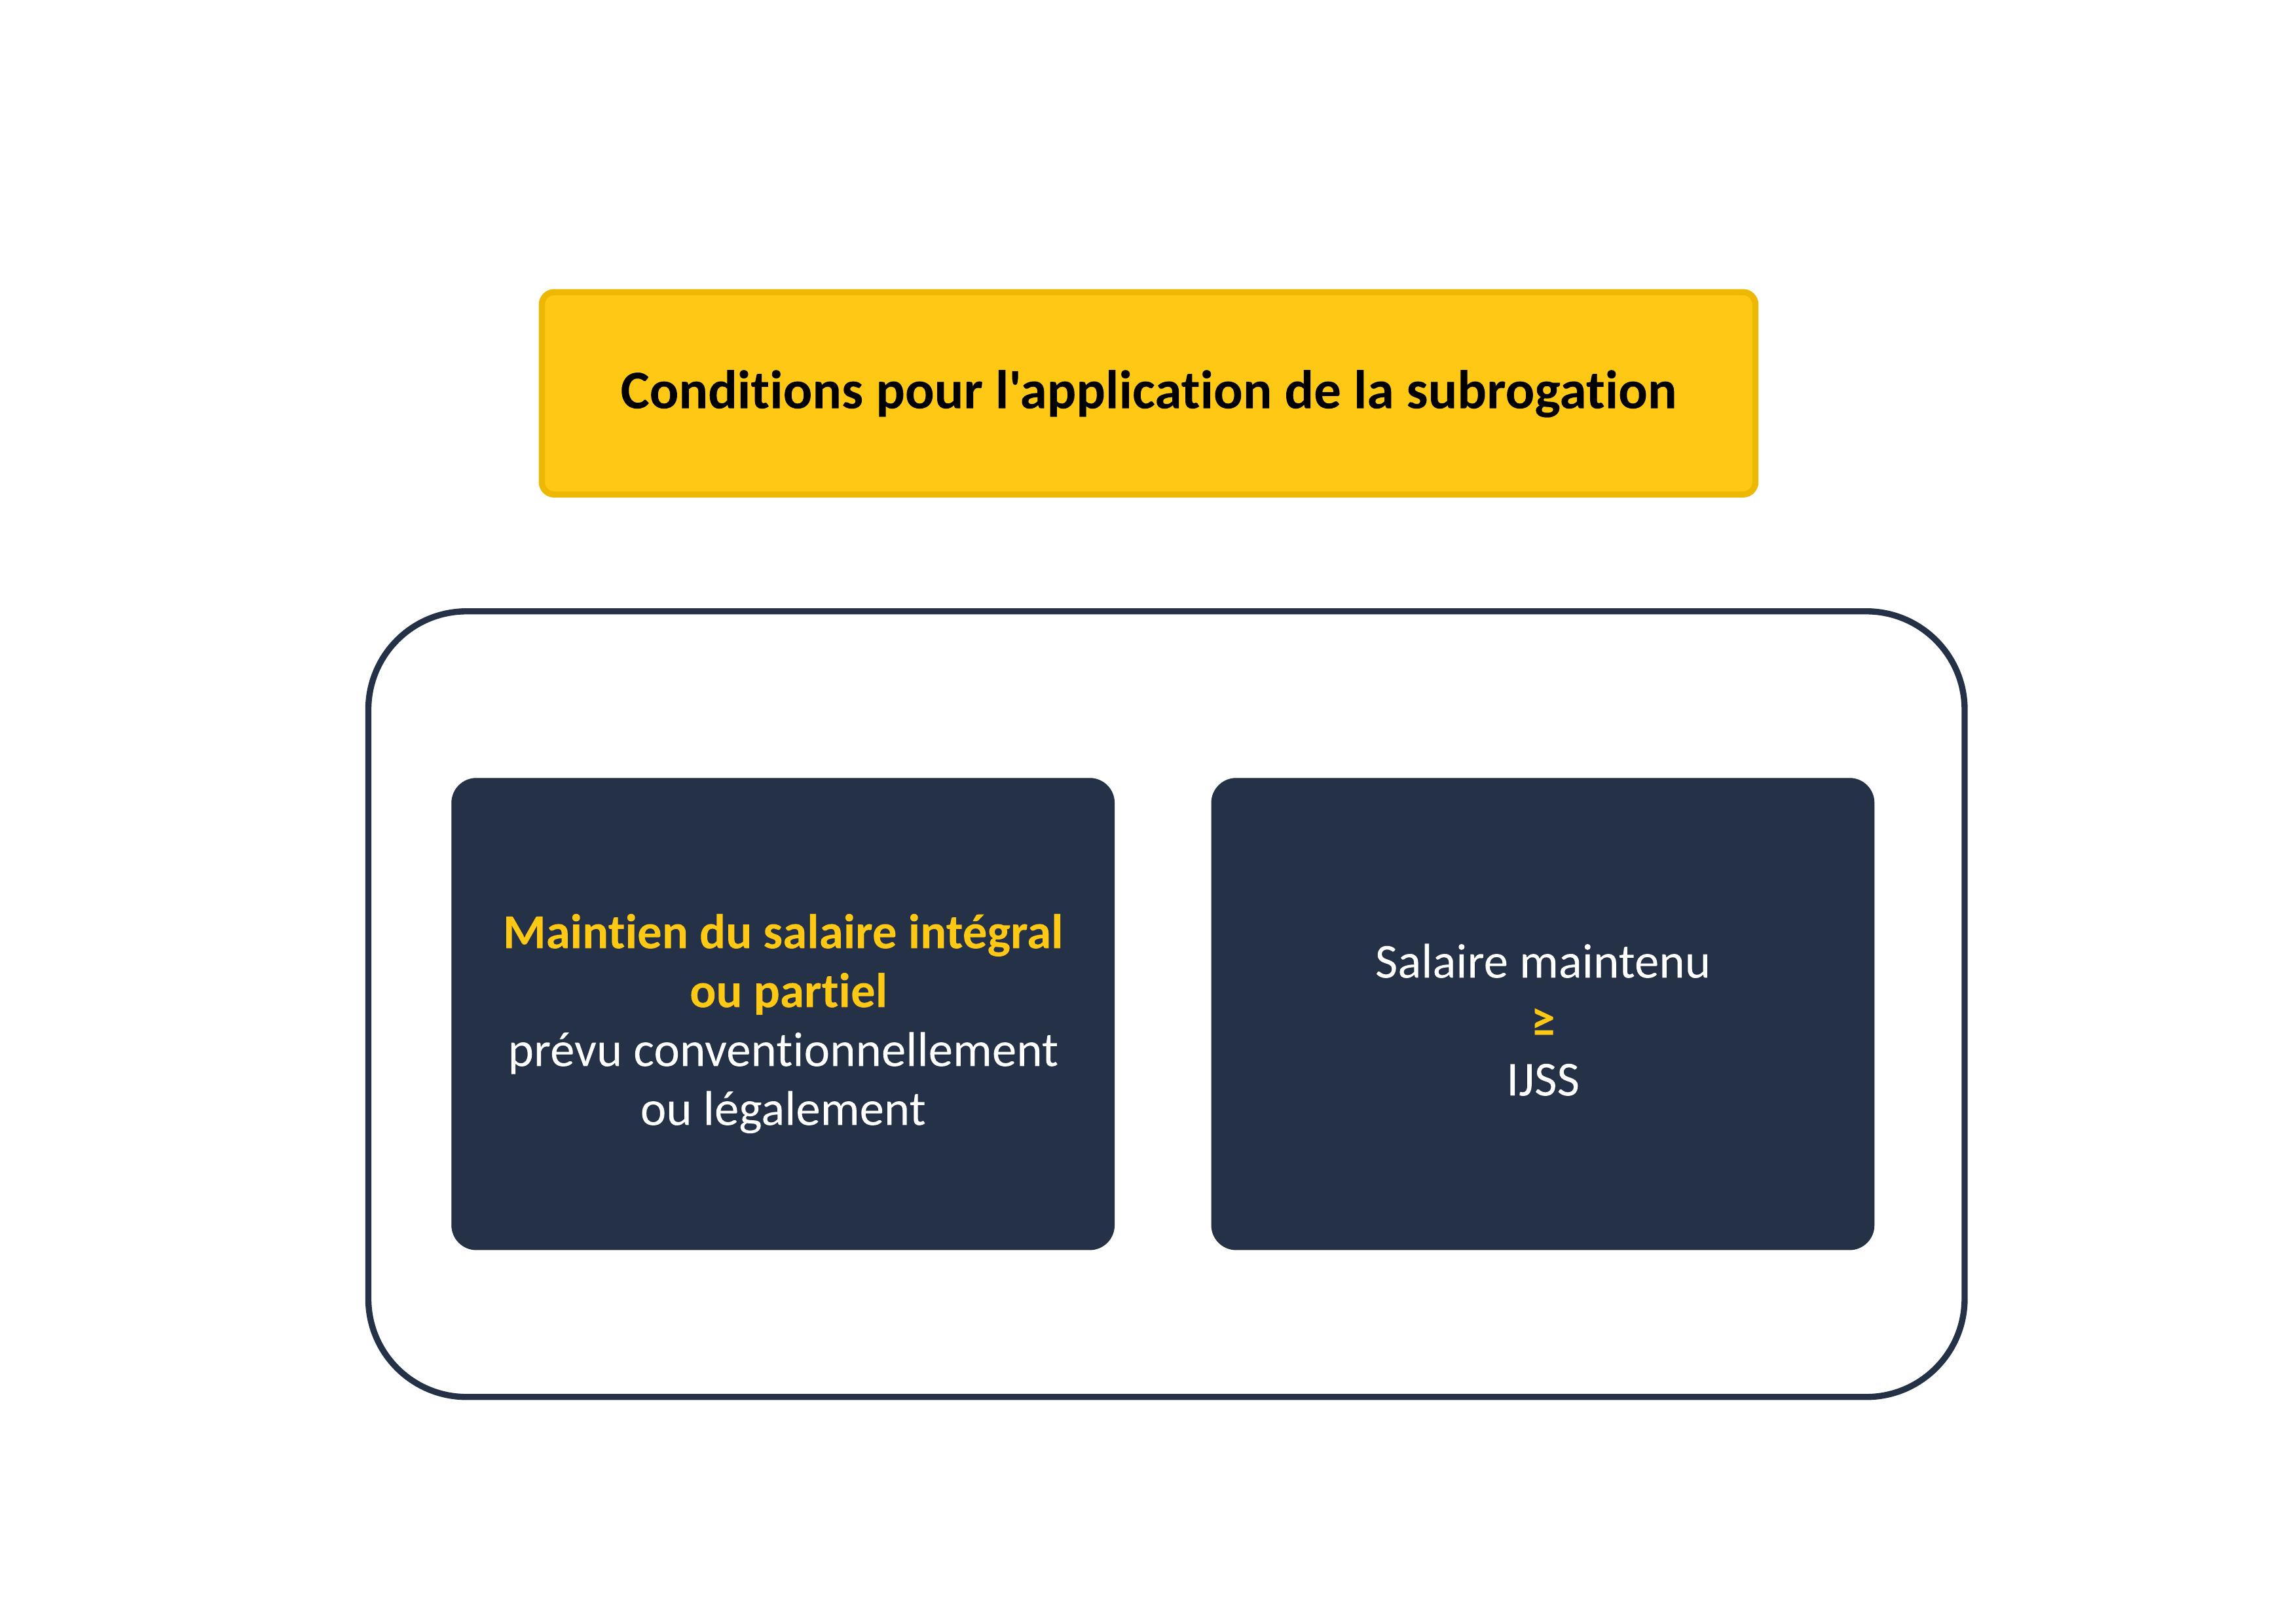 Conditions pour l'application de la subrogation